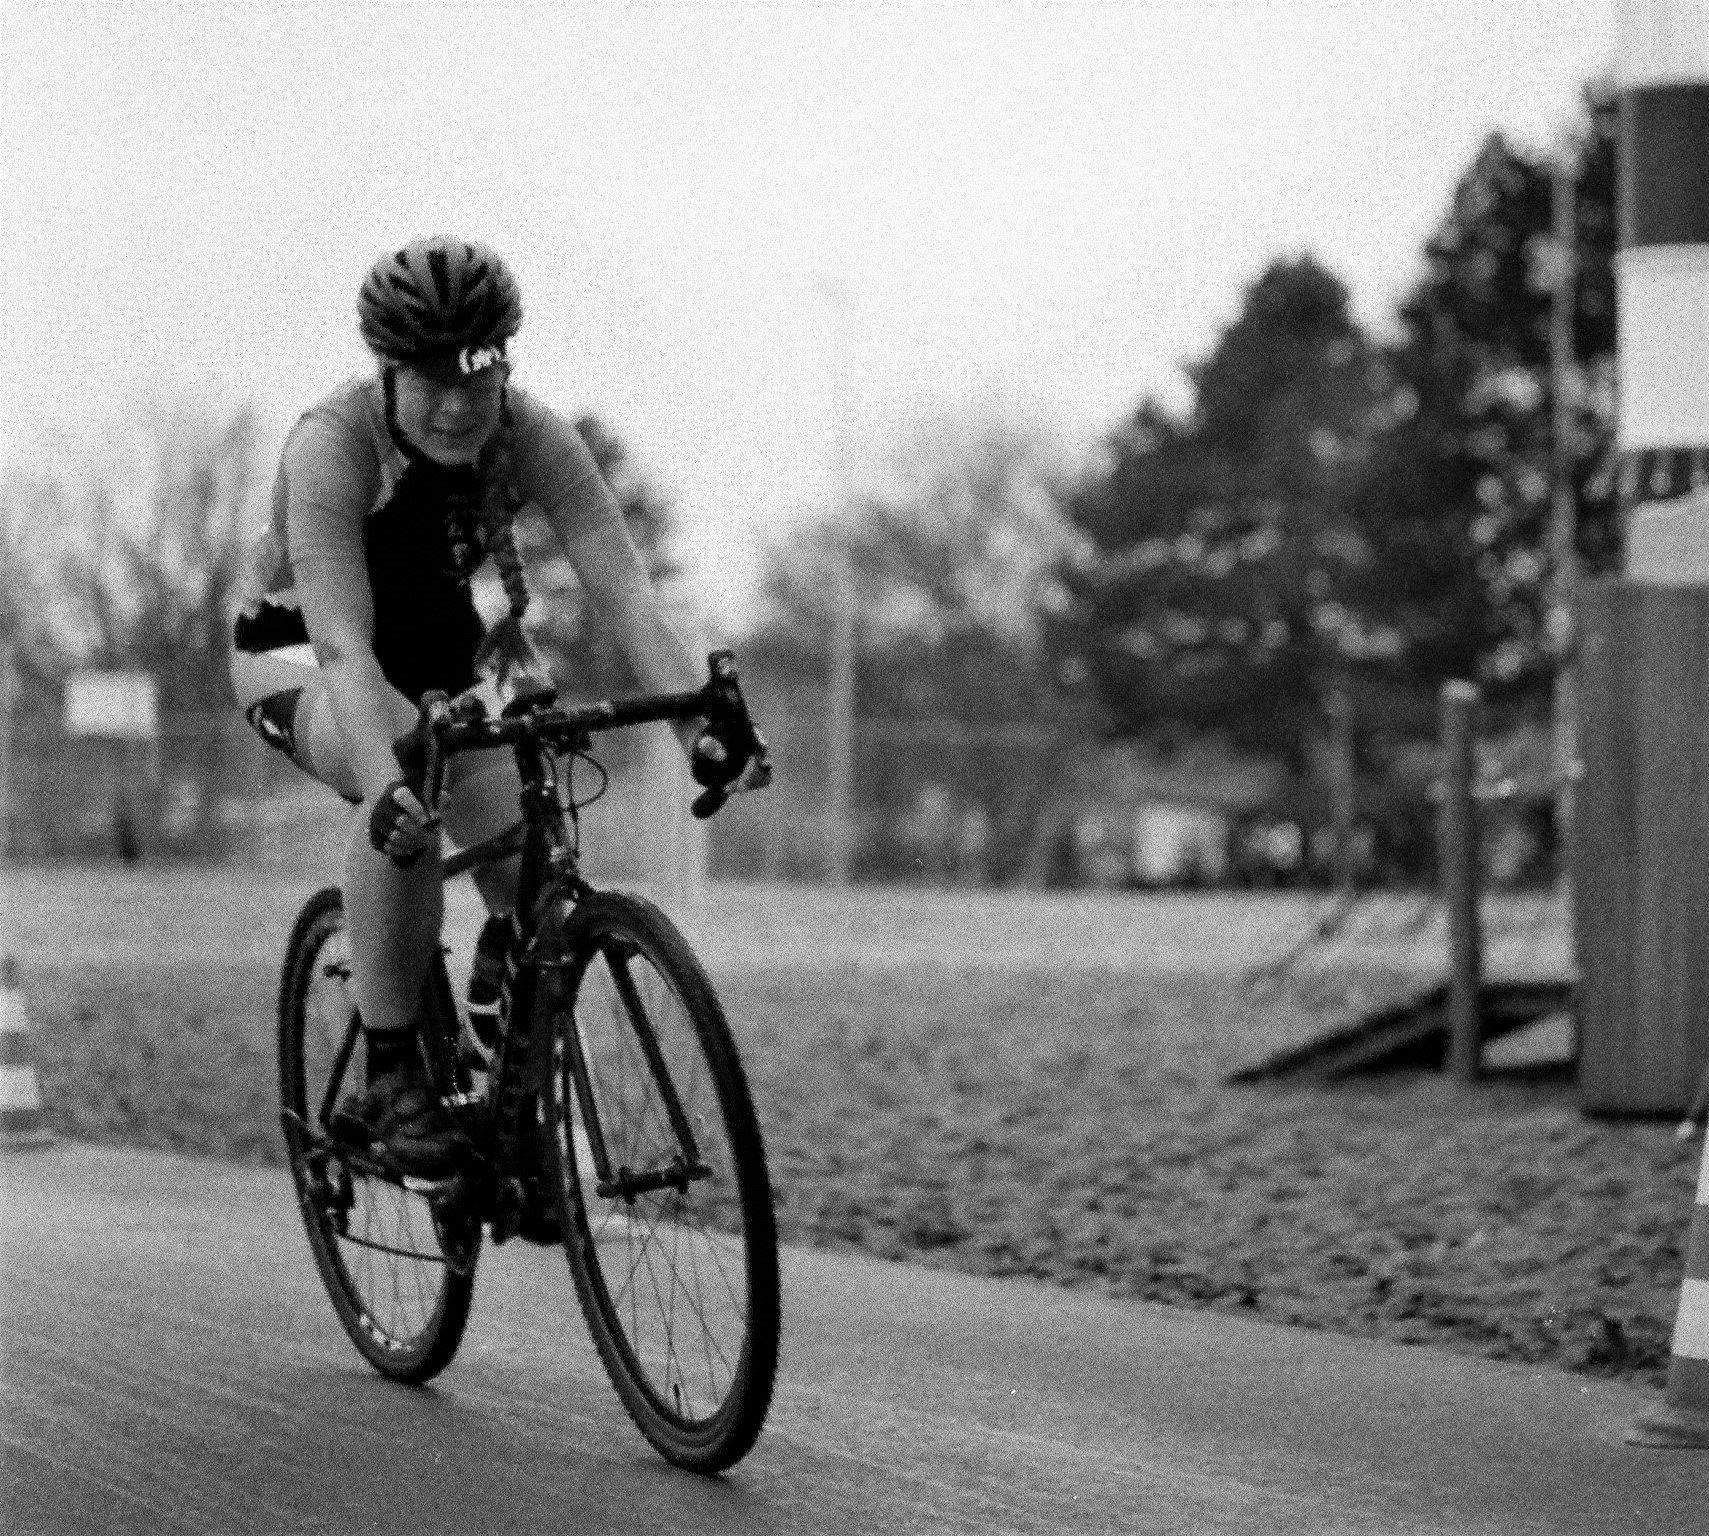 Rennradfahrerin in voller Fahrt.